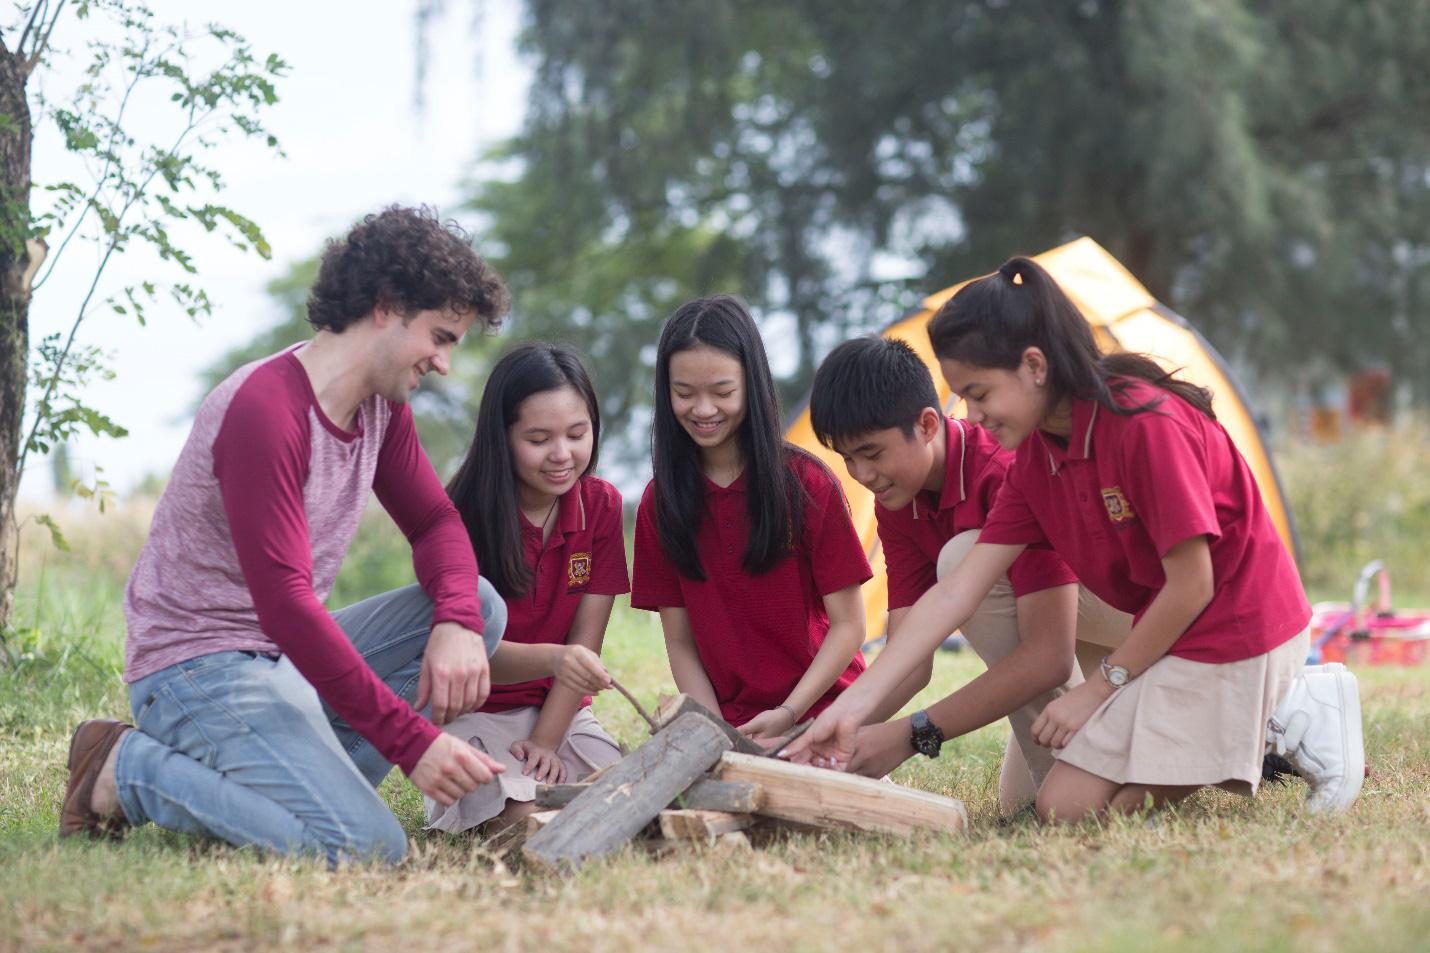 Lựa chọn của phụ huynh quyết định hướng phát triển của thị trường giáo dục - Ảnh 3.